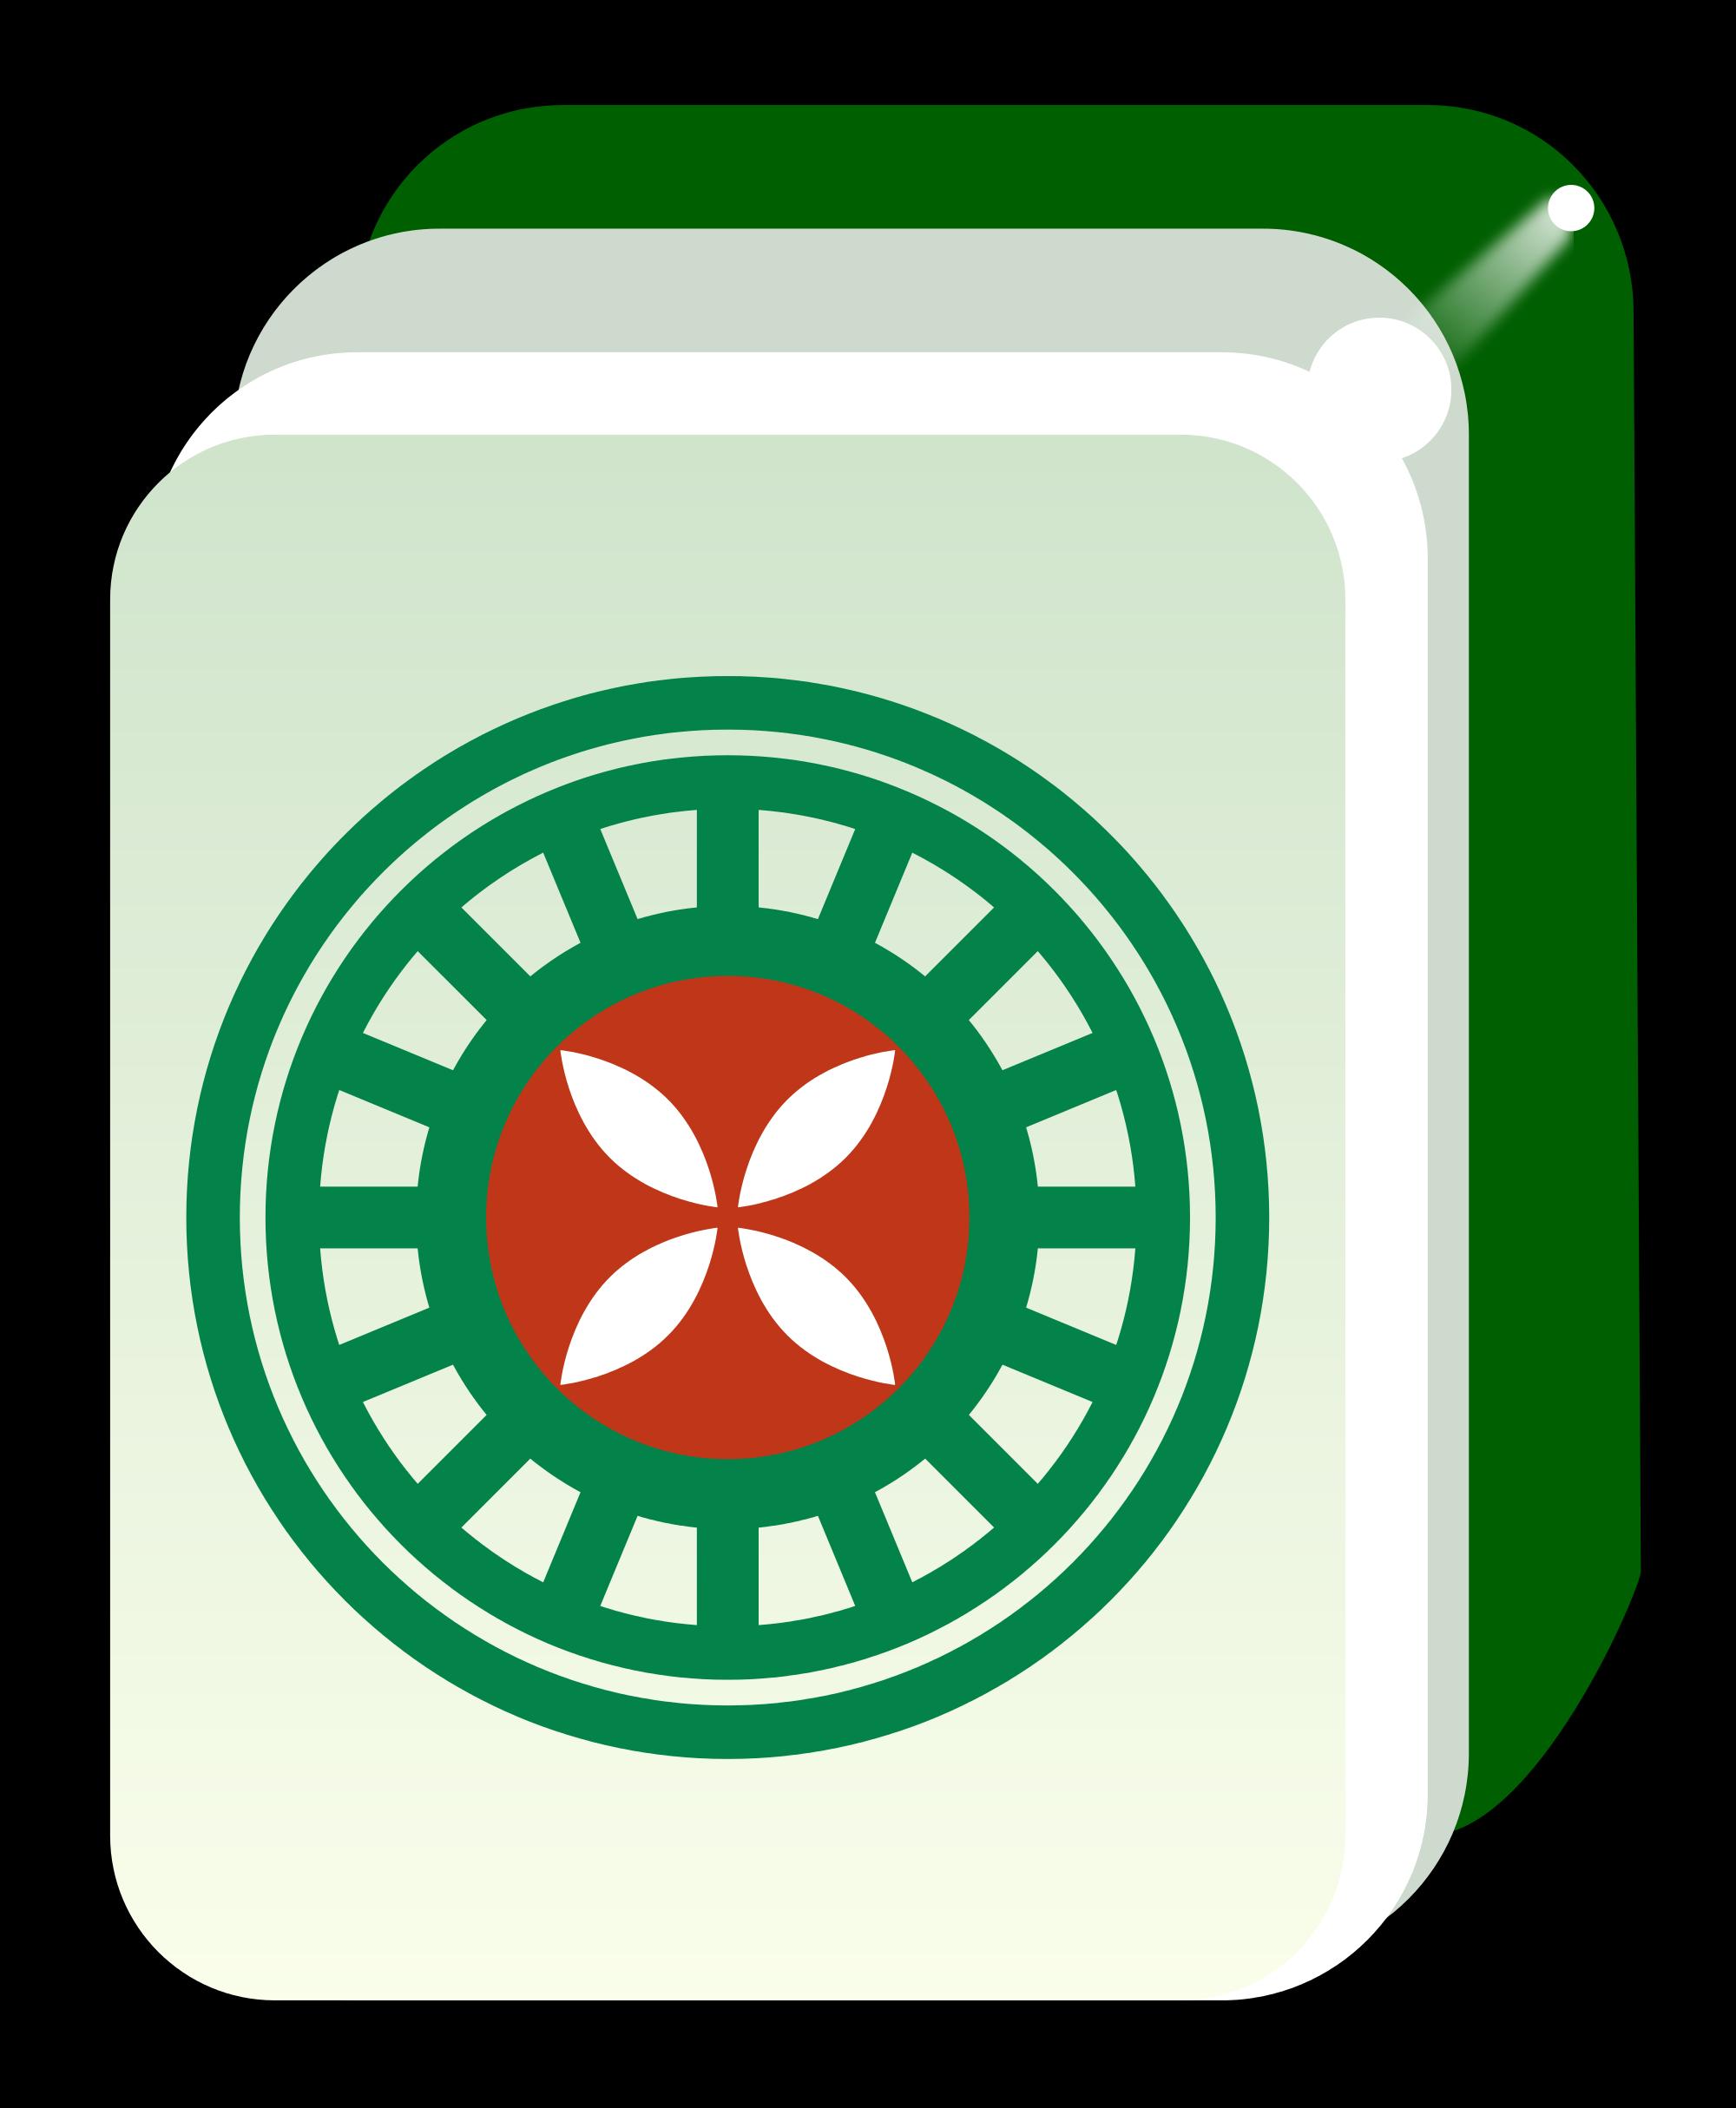 Mahjong svg #19, Download drawings